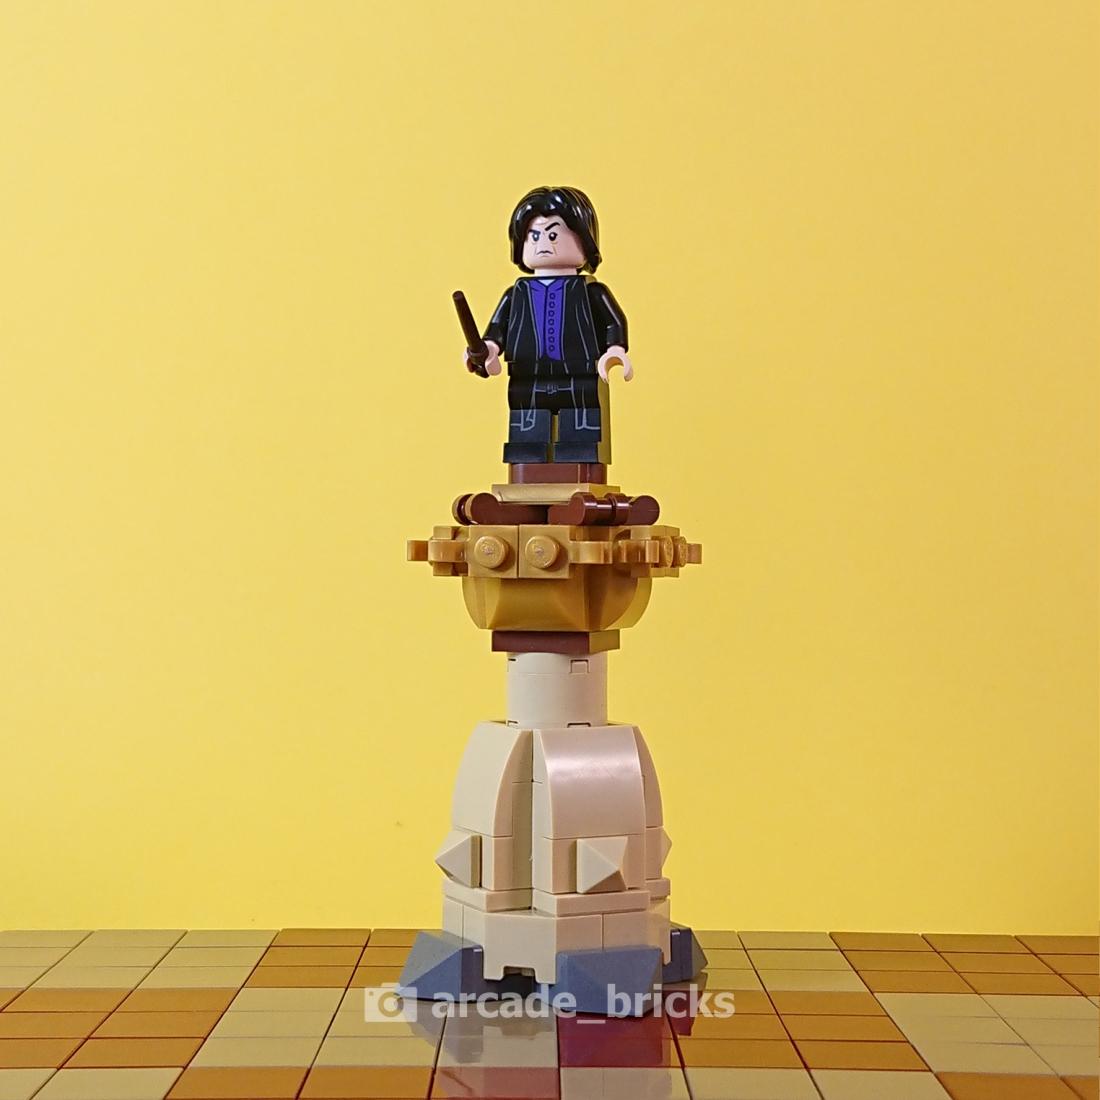 arcade_bricks_chess_good_03_bishop